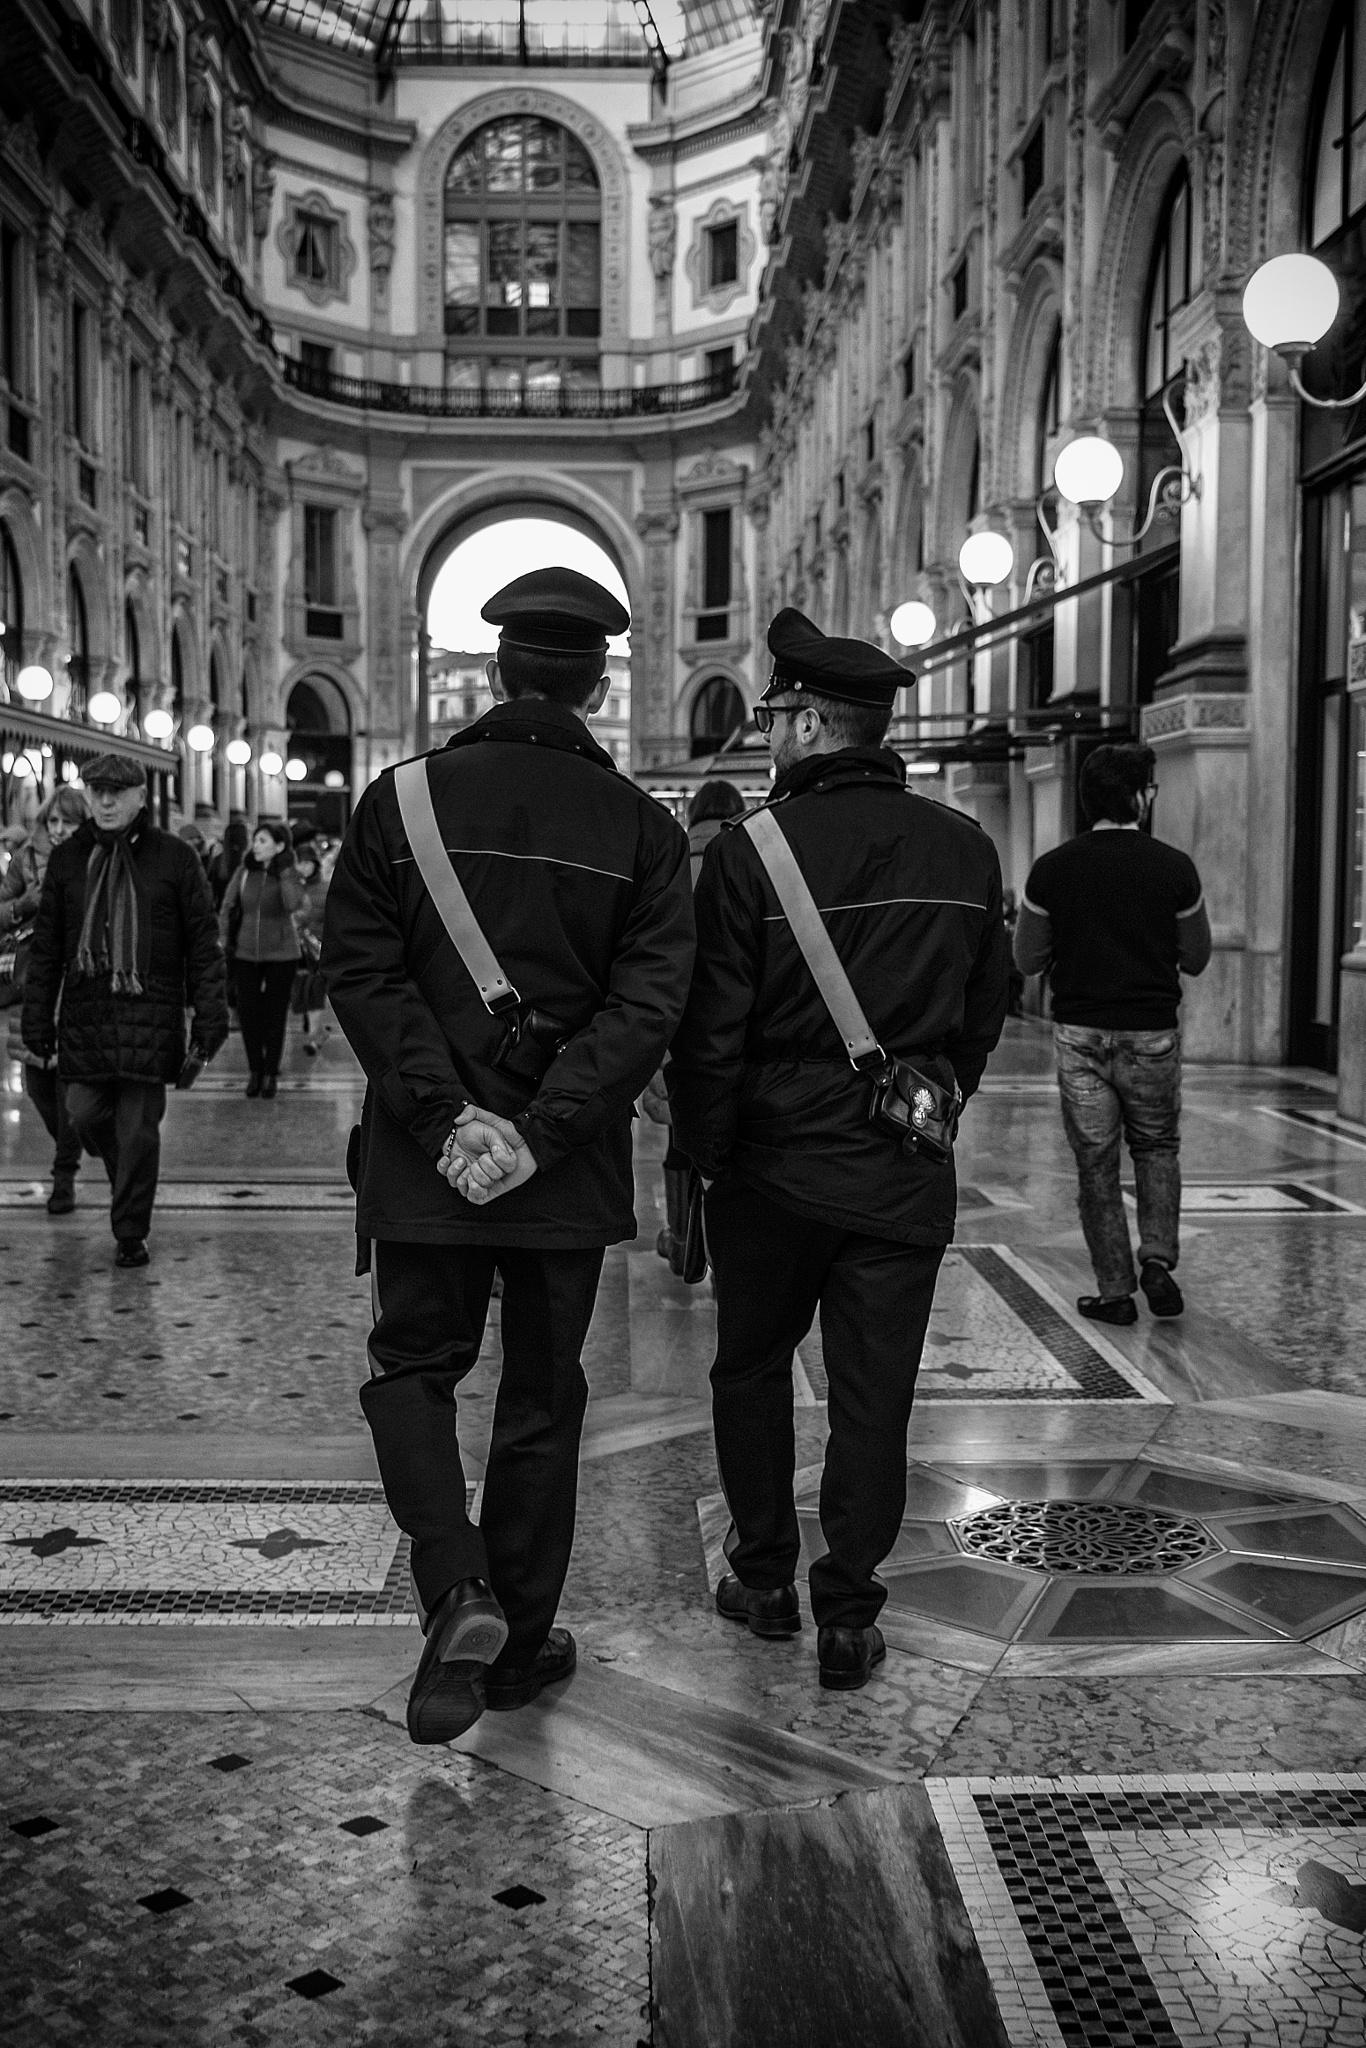 Vigilando -  by Alessandro Longo